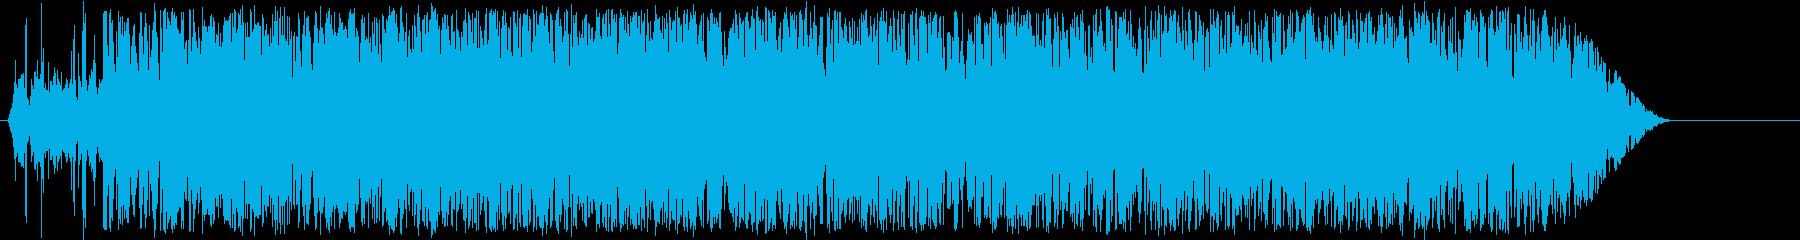 マンチェガボトルの再生済みの波形